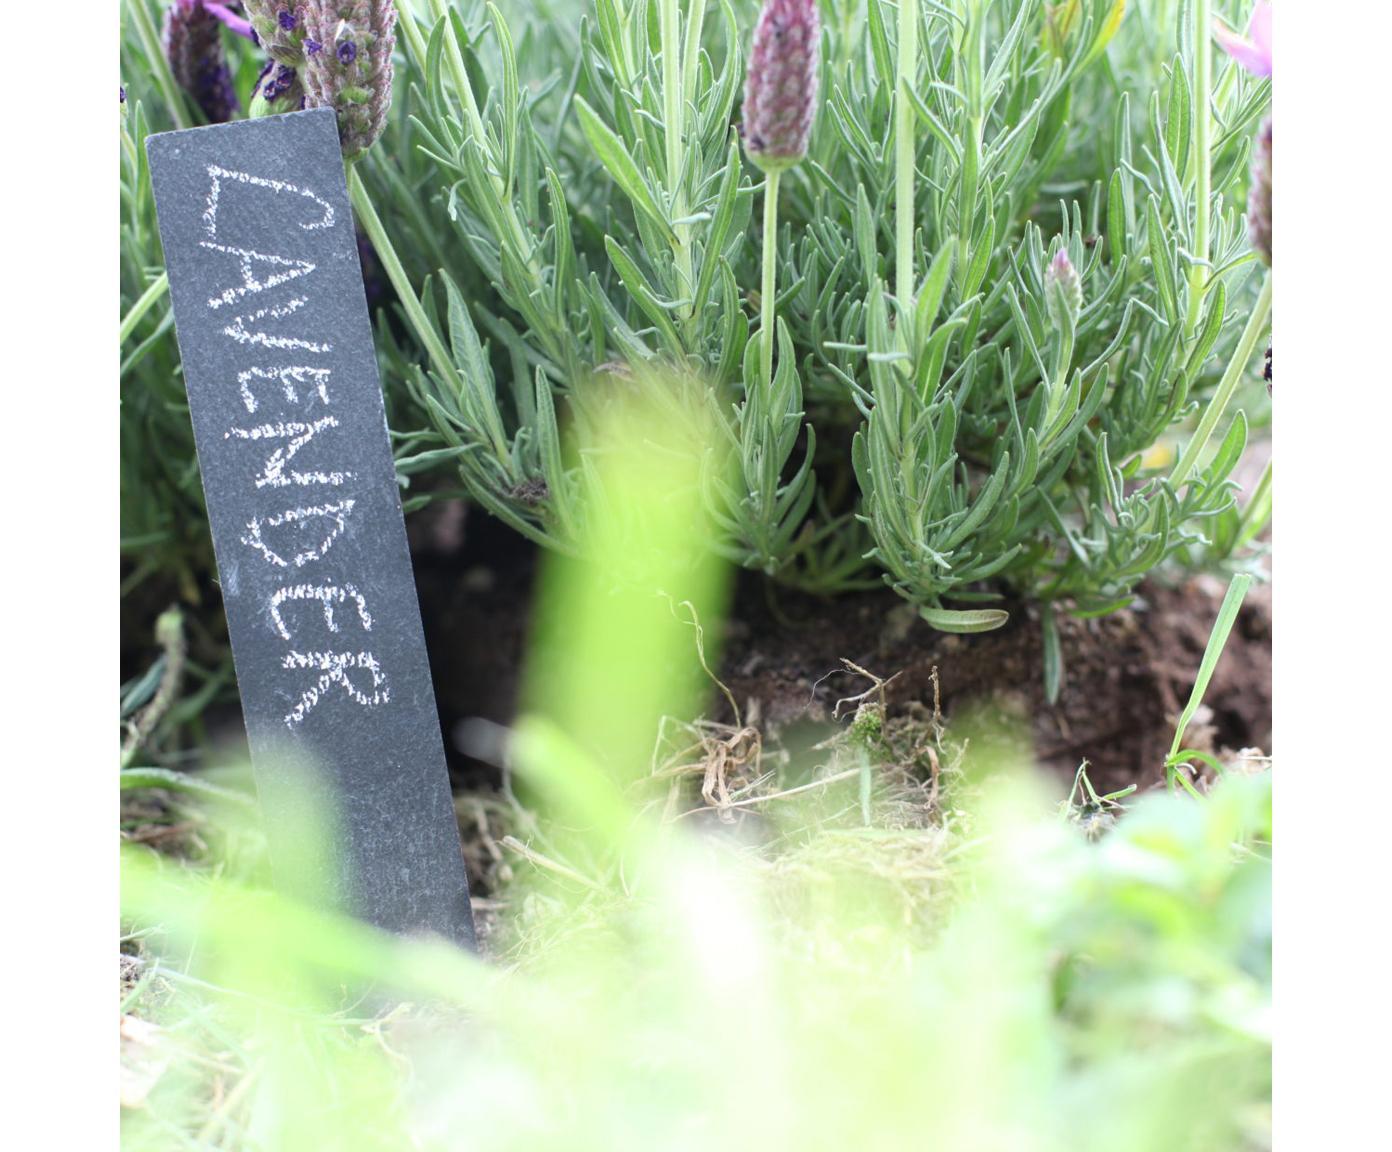 Komplet znaków na rosliny Ala, 7 elem., Kamionka, Antracytowy, S 4 x W 20 cm